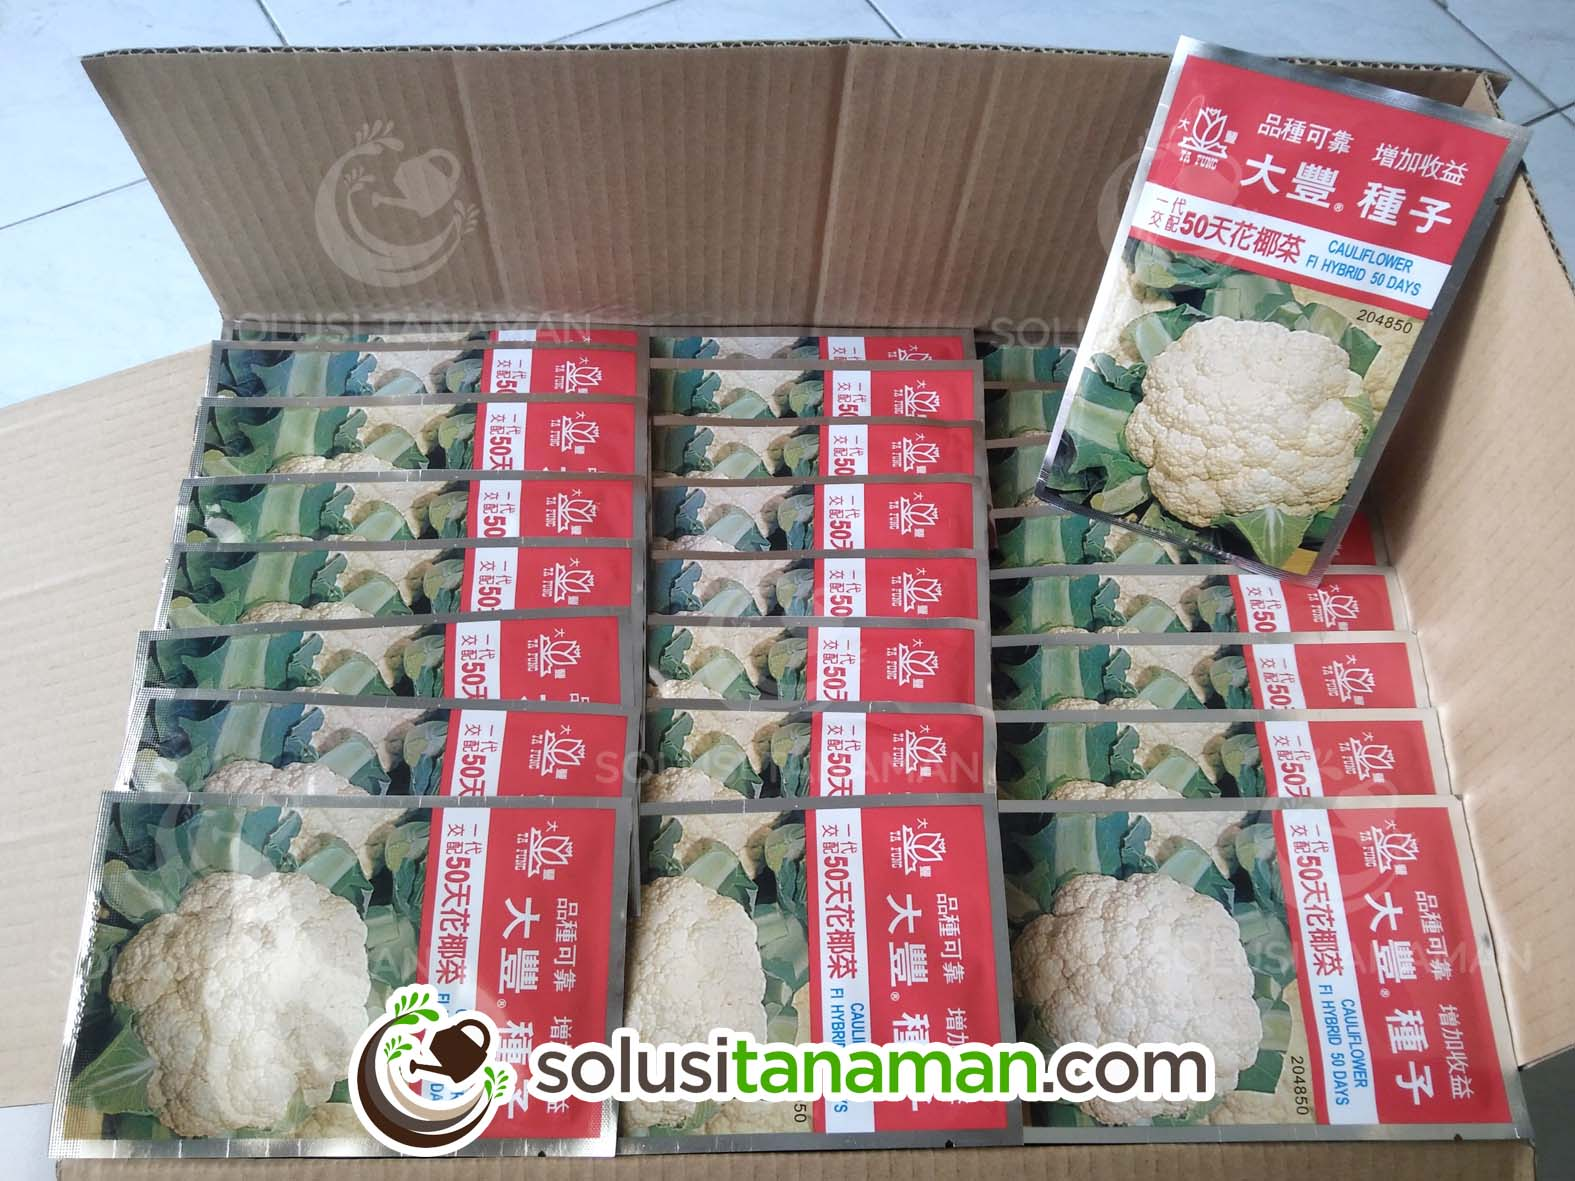 Bunga Kembang Kol 50 F110g Bibit Benih Tanaman Sayur Hidroponik 10 Biji Harga Rp 14700000 Pack Gram